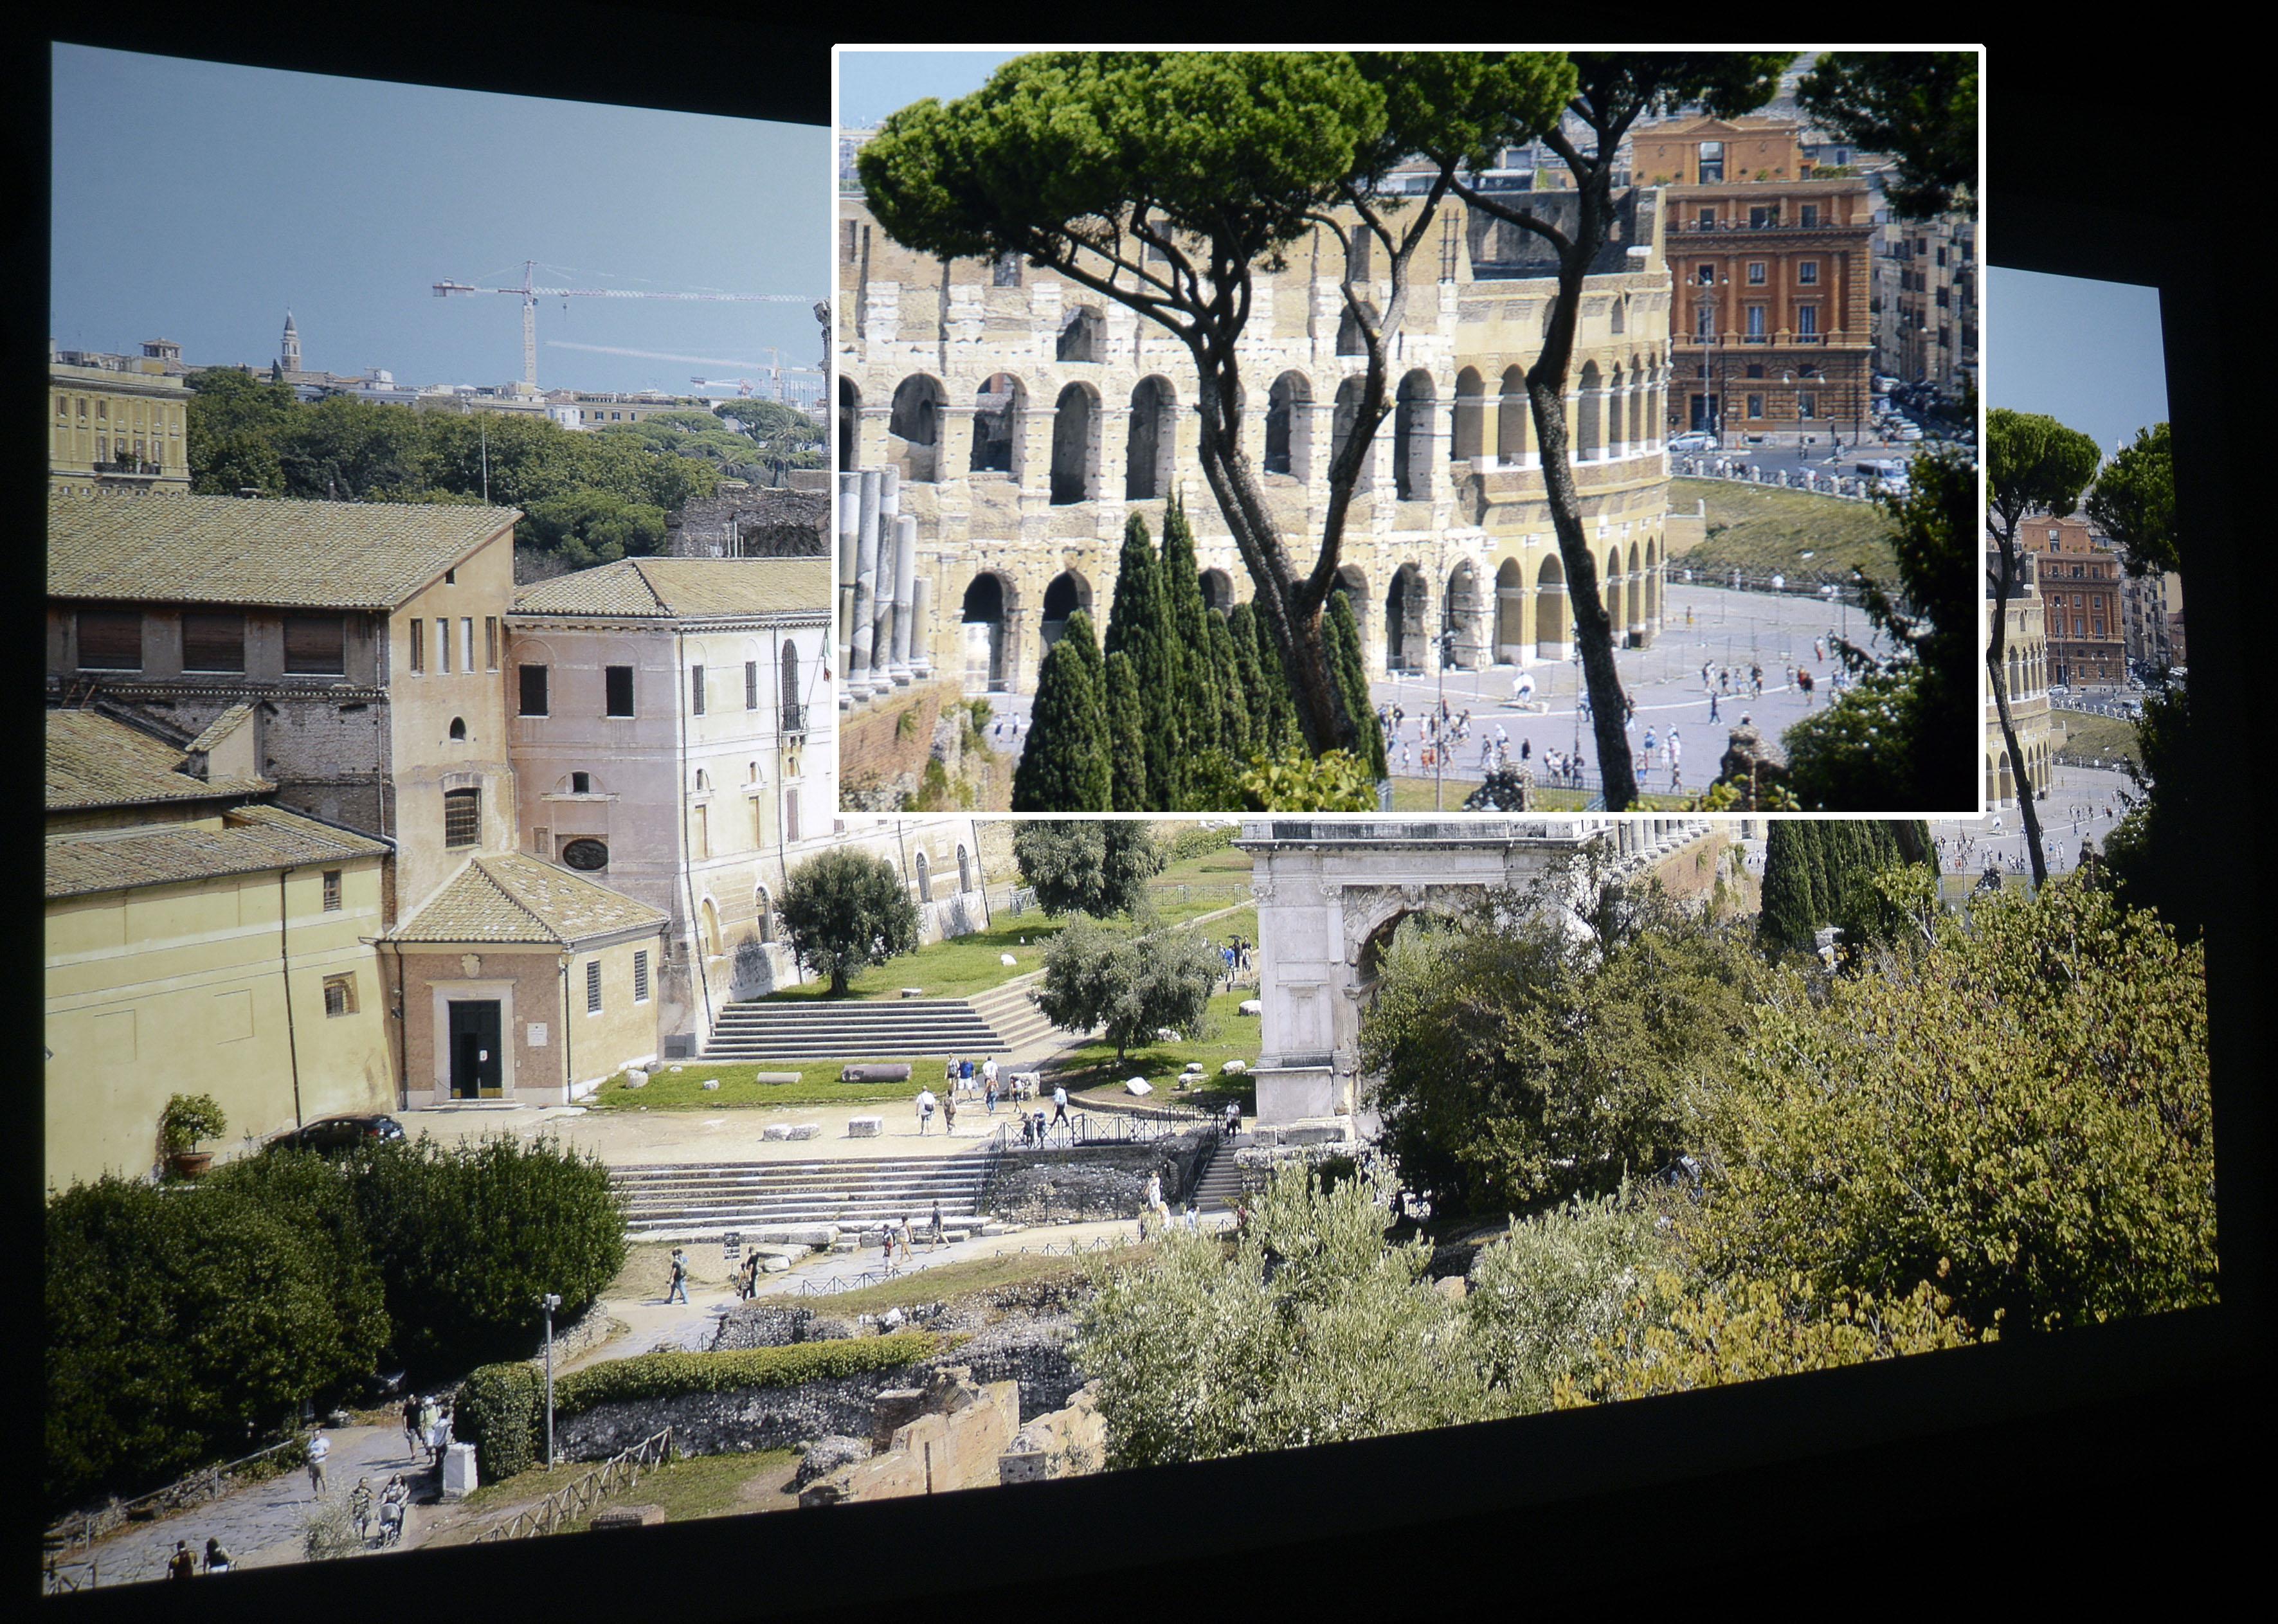 Foto: Michael B. Rehders Auch meine Panoramaaufnahme von Rom besticht mit dem ViewSonic PX747-4K. Die Ausschnittsvergrößerung deckt auf, dass einzelne Personen vor dem Kolosseum differenziert zu sehen sind. Gleichwohl das grüne Farbspektrum eingeschränkt ist, sehen die Bäume realistisch aus. Die Steine des rot-braunen Gebäudes im Hintergrund weist alle Mauersteine aus.